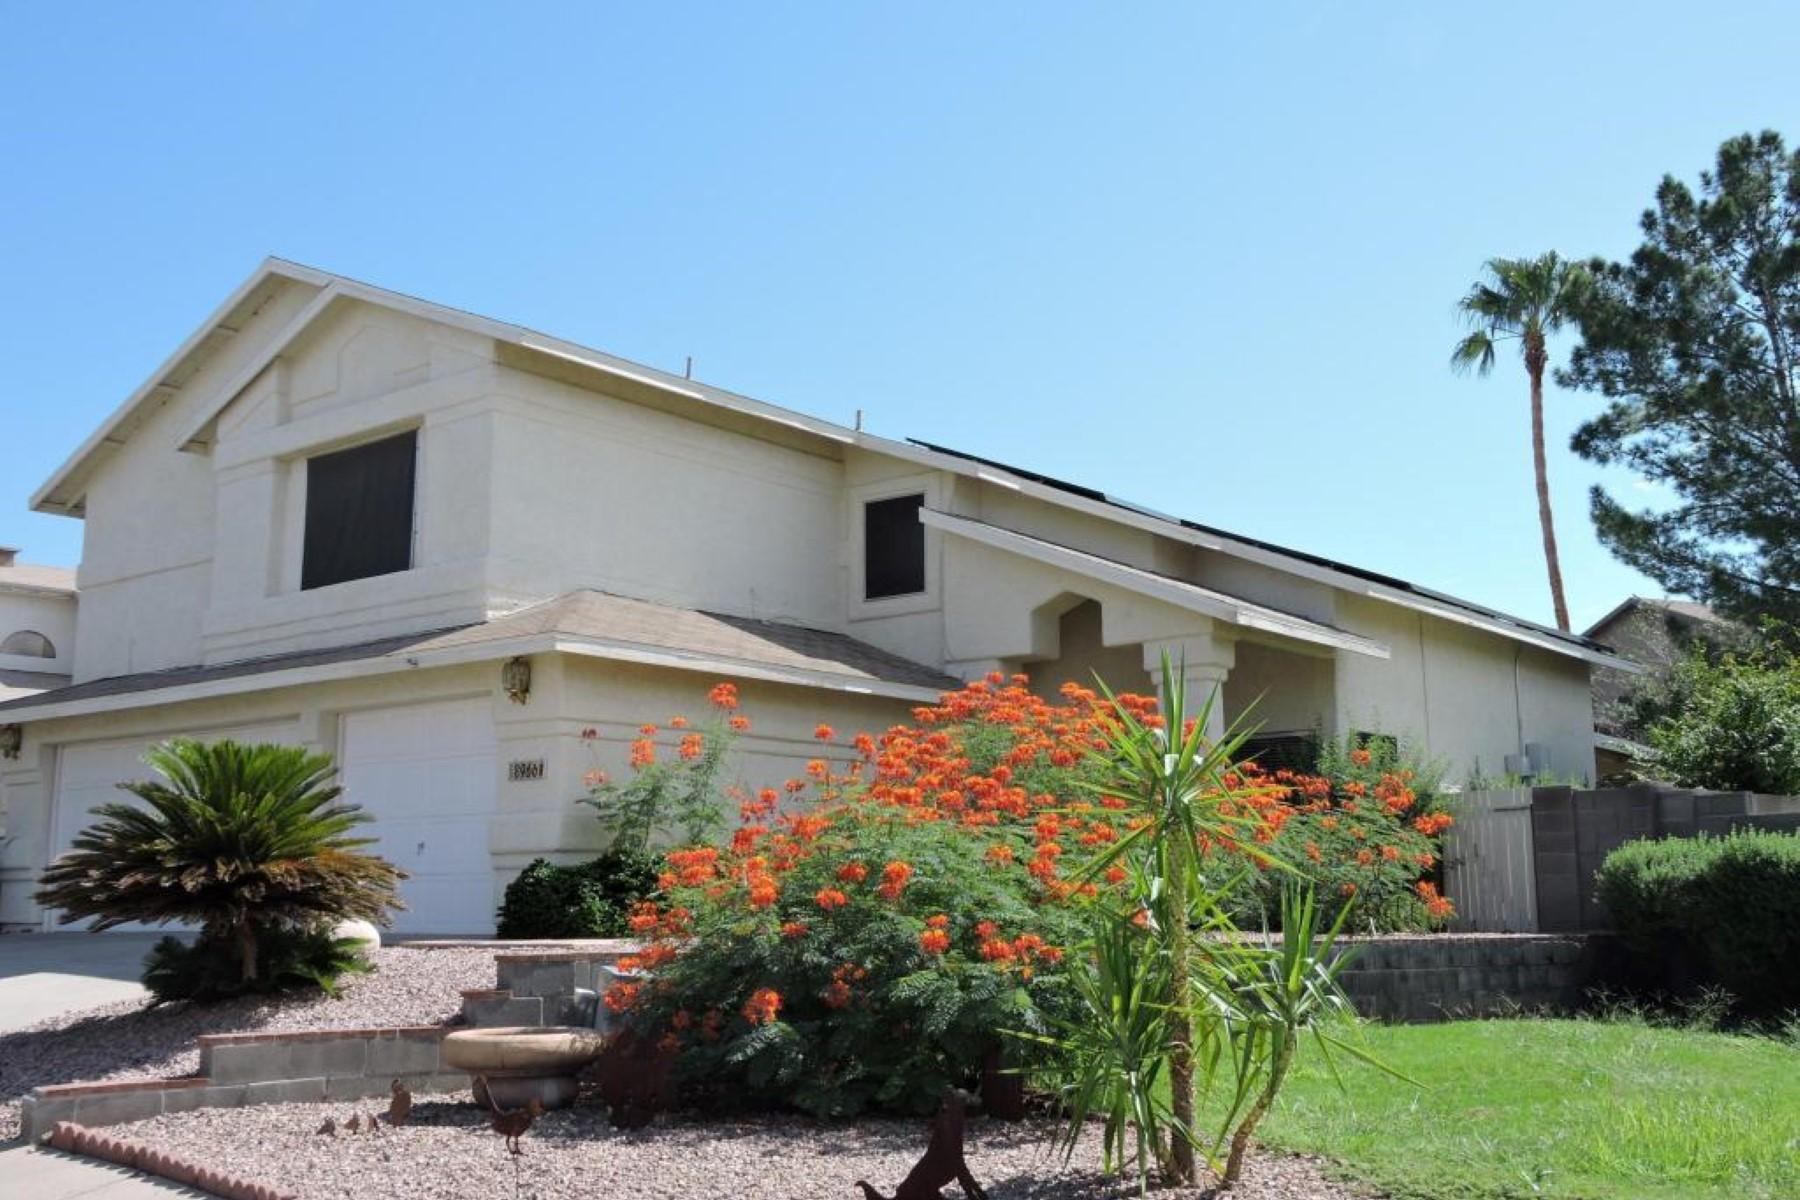 Maison unifamiliale pour l Vente à Beautiful four bed/three bath family home 8966 N Obsidian Place Tucson, Arizona 85742 États-Unis